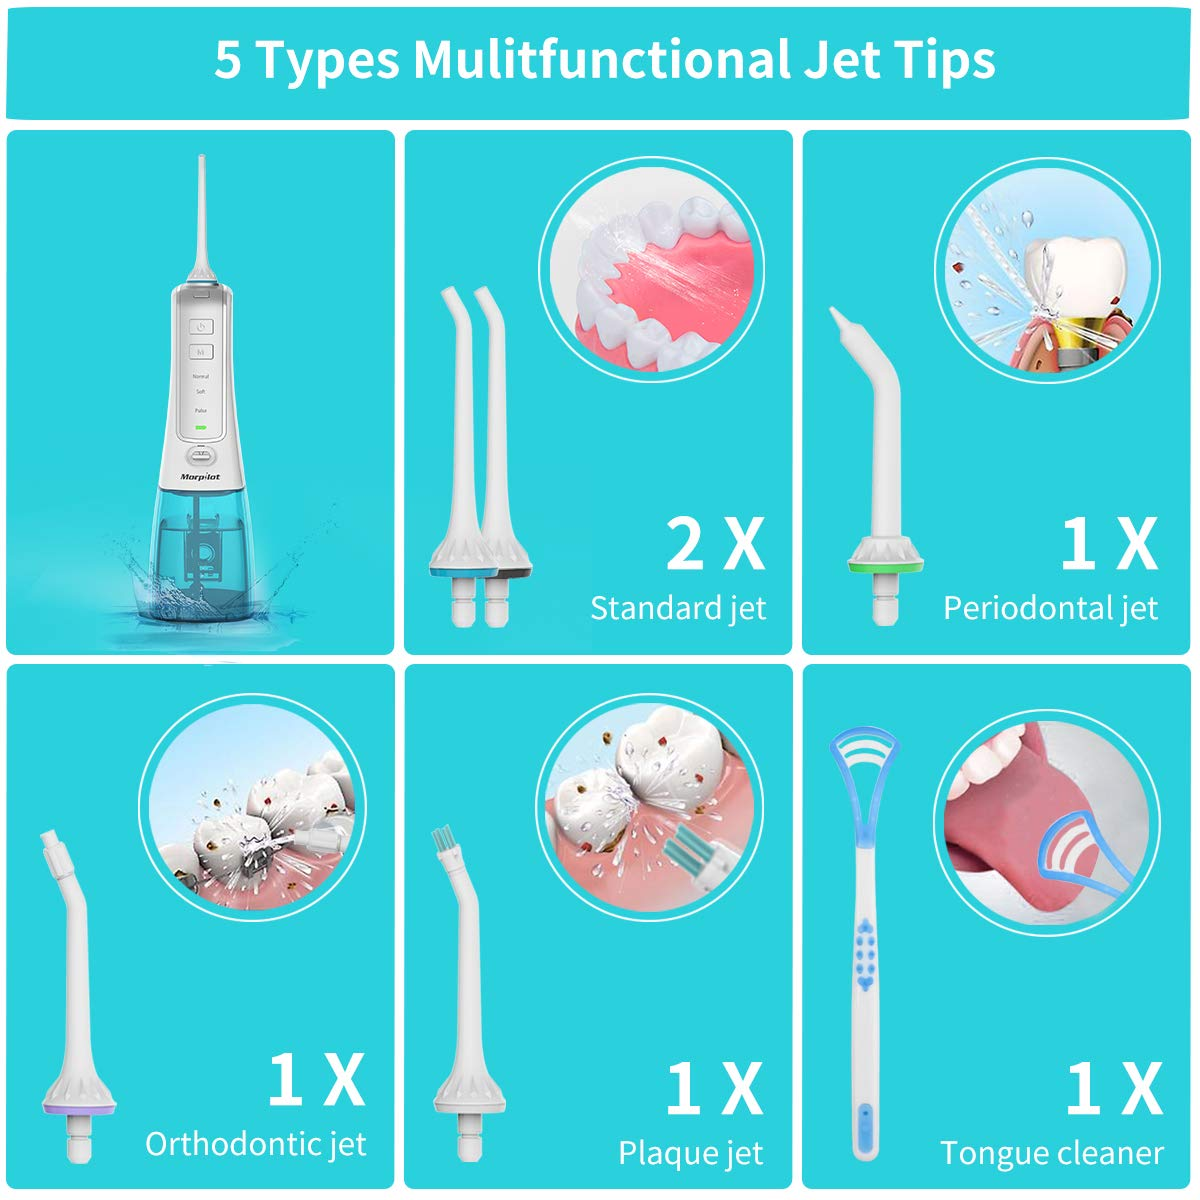 Morpilot Hydropulseur Jet Dentaire sans fil, Irrigateur oral dentaire Portable Air Flosser, 3 modes 6 buses de jet,IPX7 imperméable, Rechargeable USB avec et réservoir 300 ml